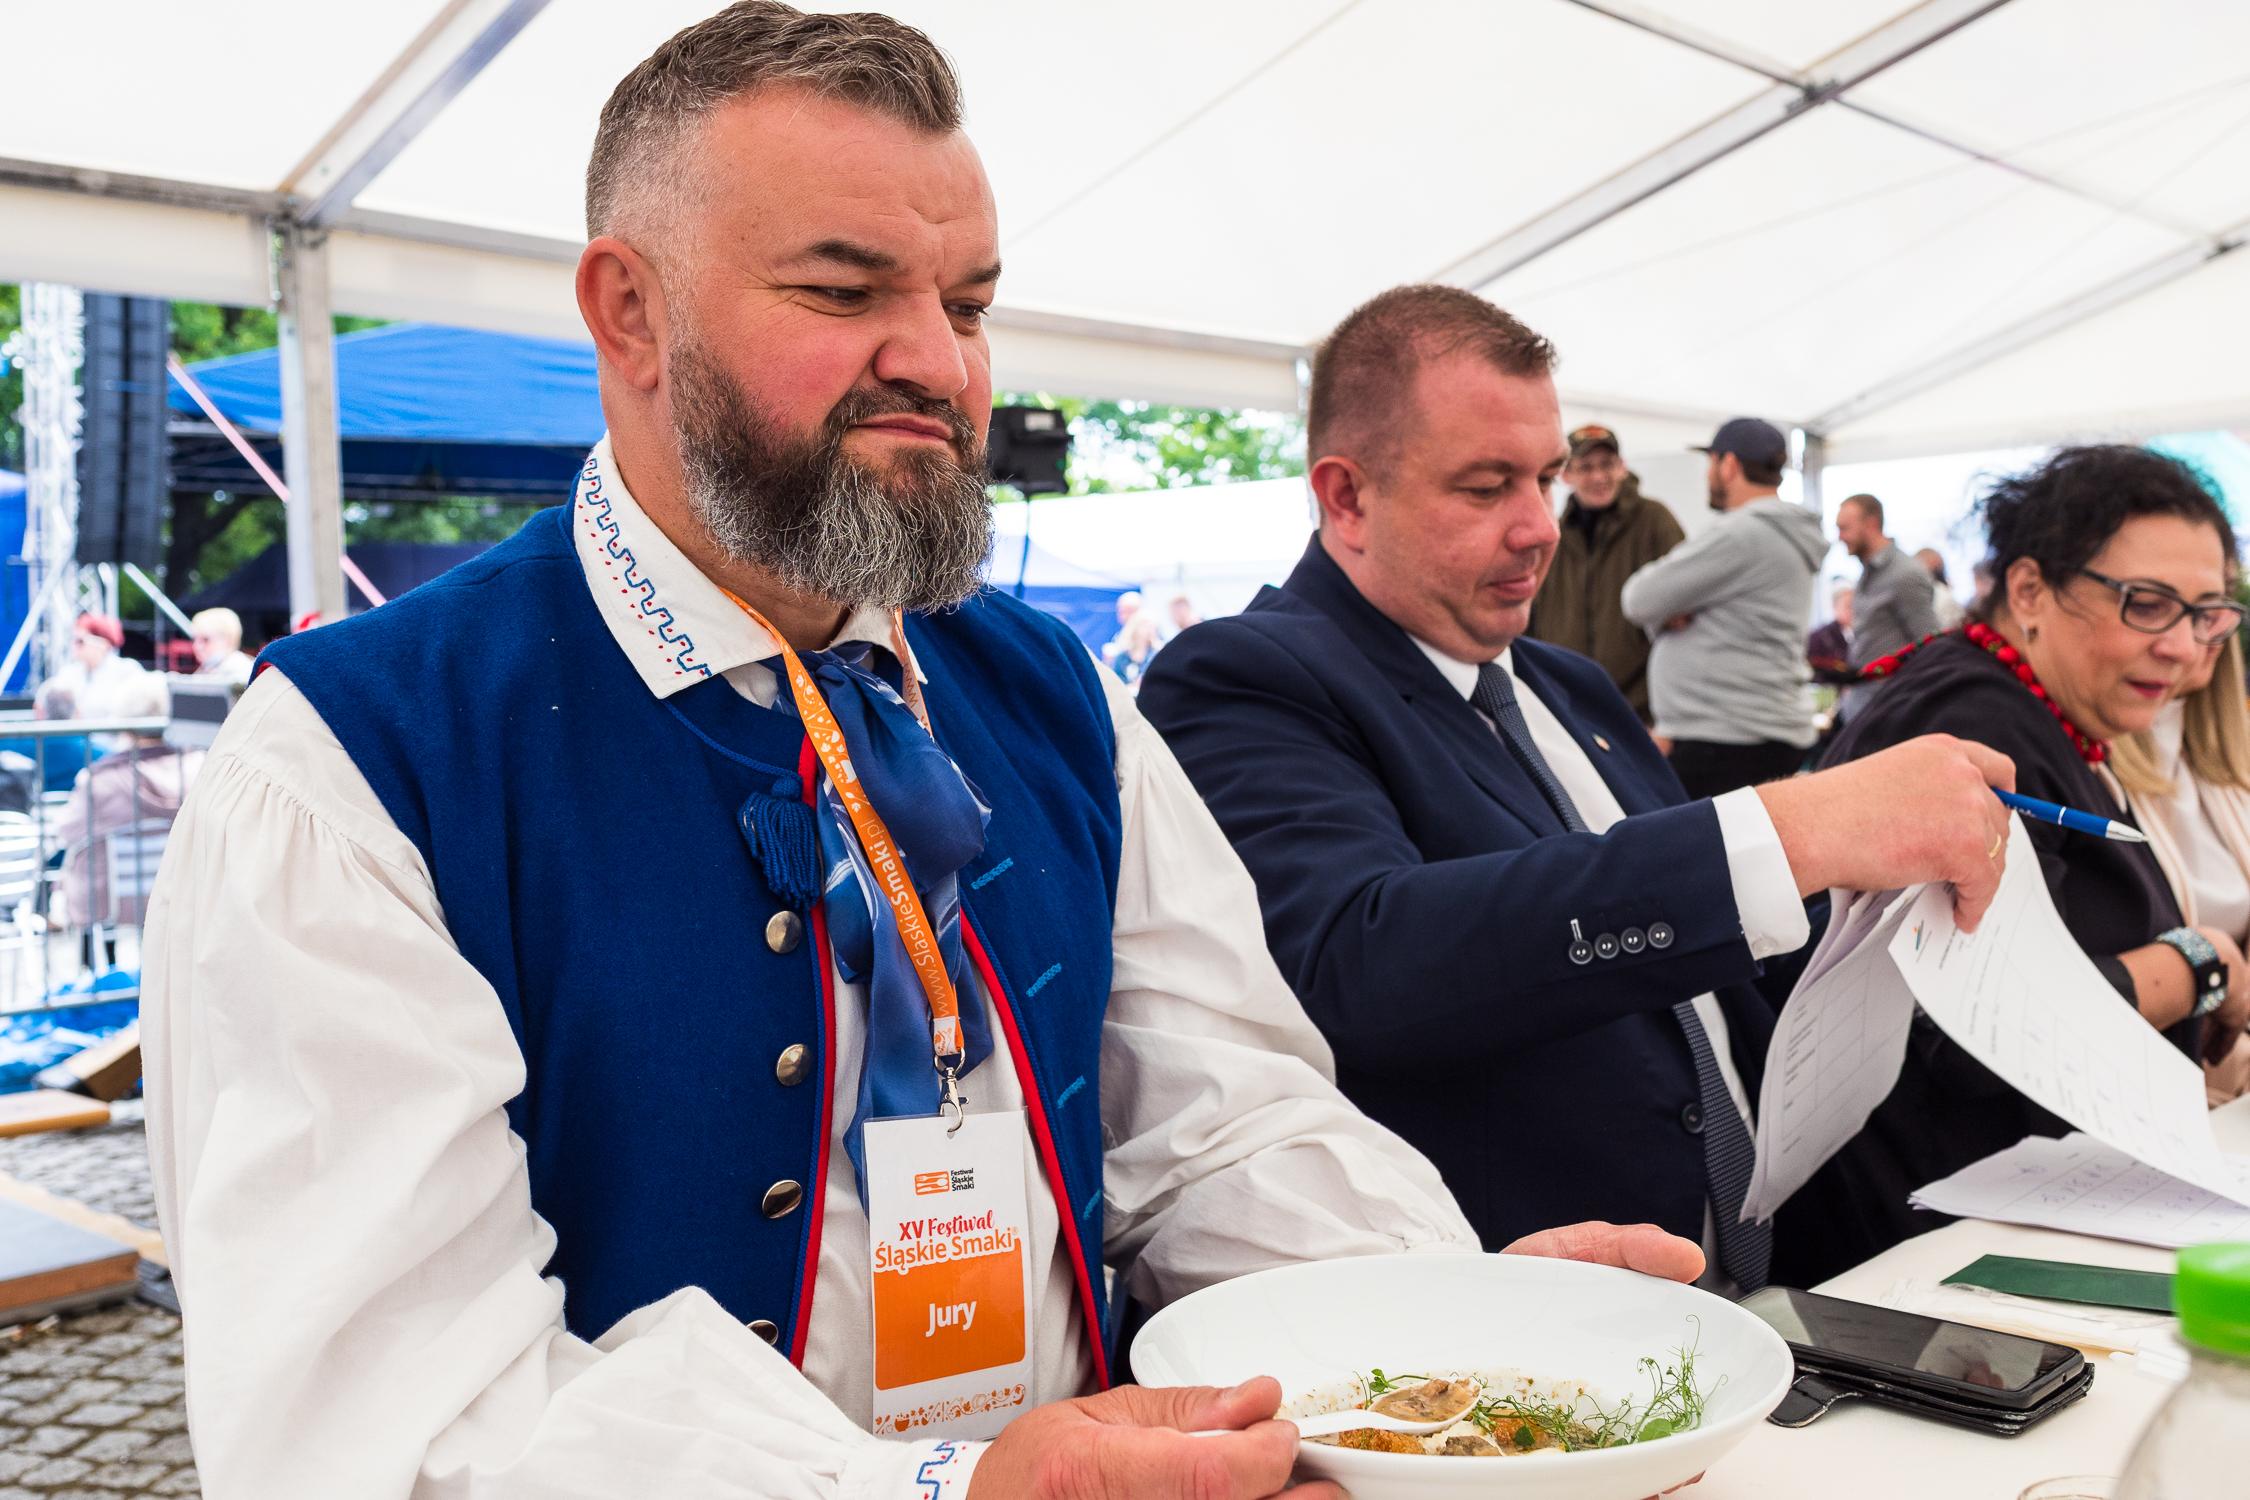 Adam Wawoczny, Prezes Zarządu Śląskiej Organizacji Turystycznej i Grzegorz Swoboda Starosta Raciborski oceniają potrawy i produkty zaprezentowane na Festiwalu